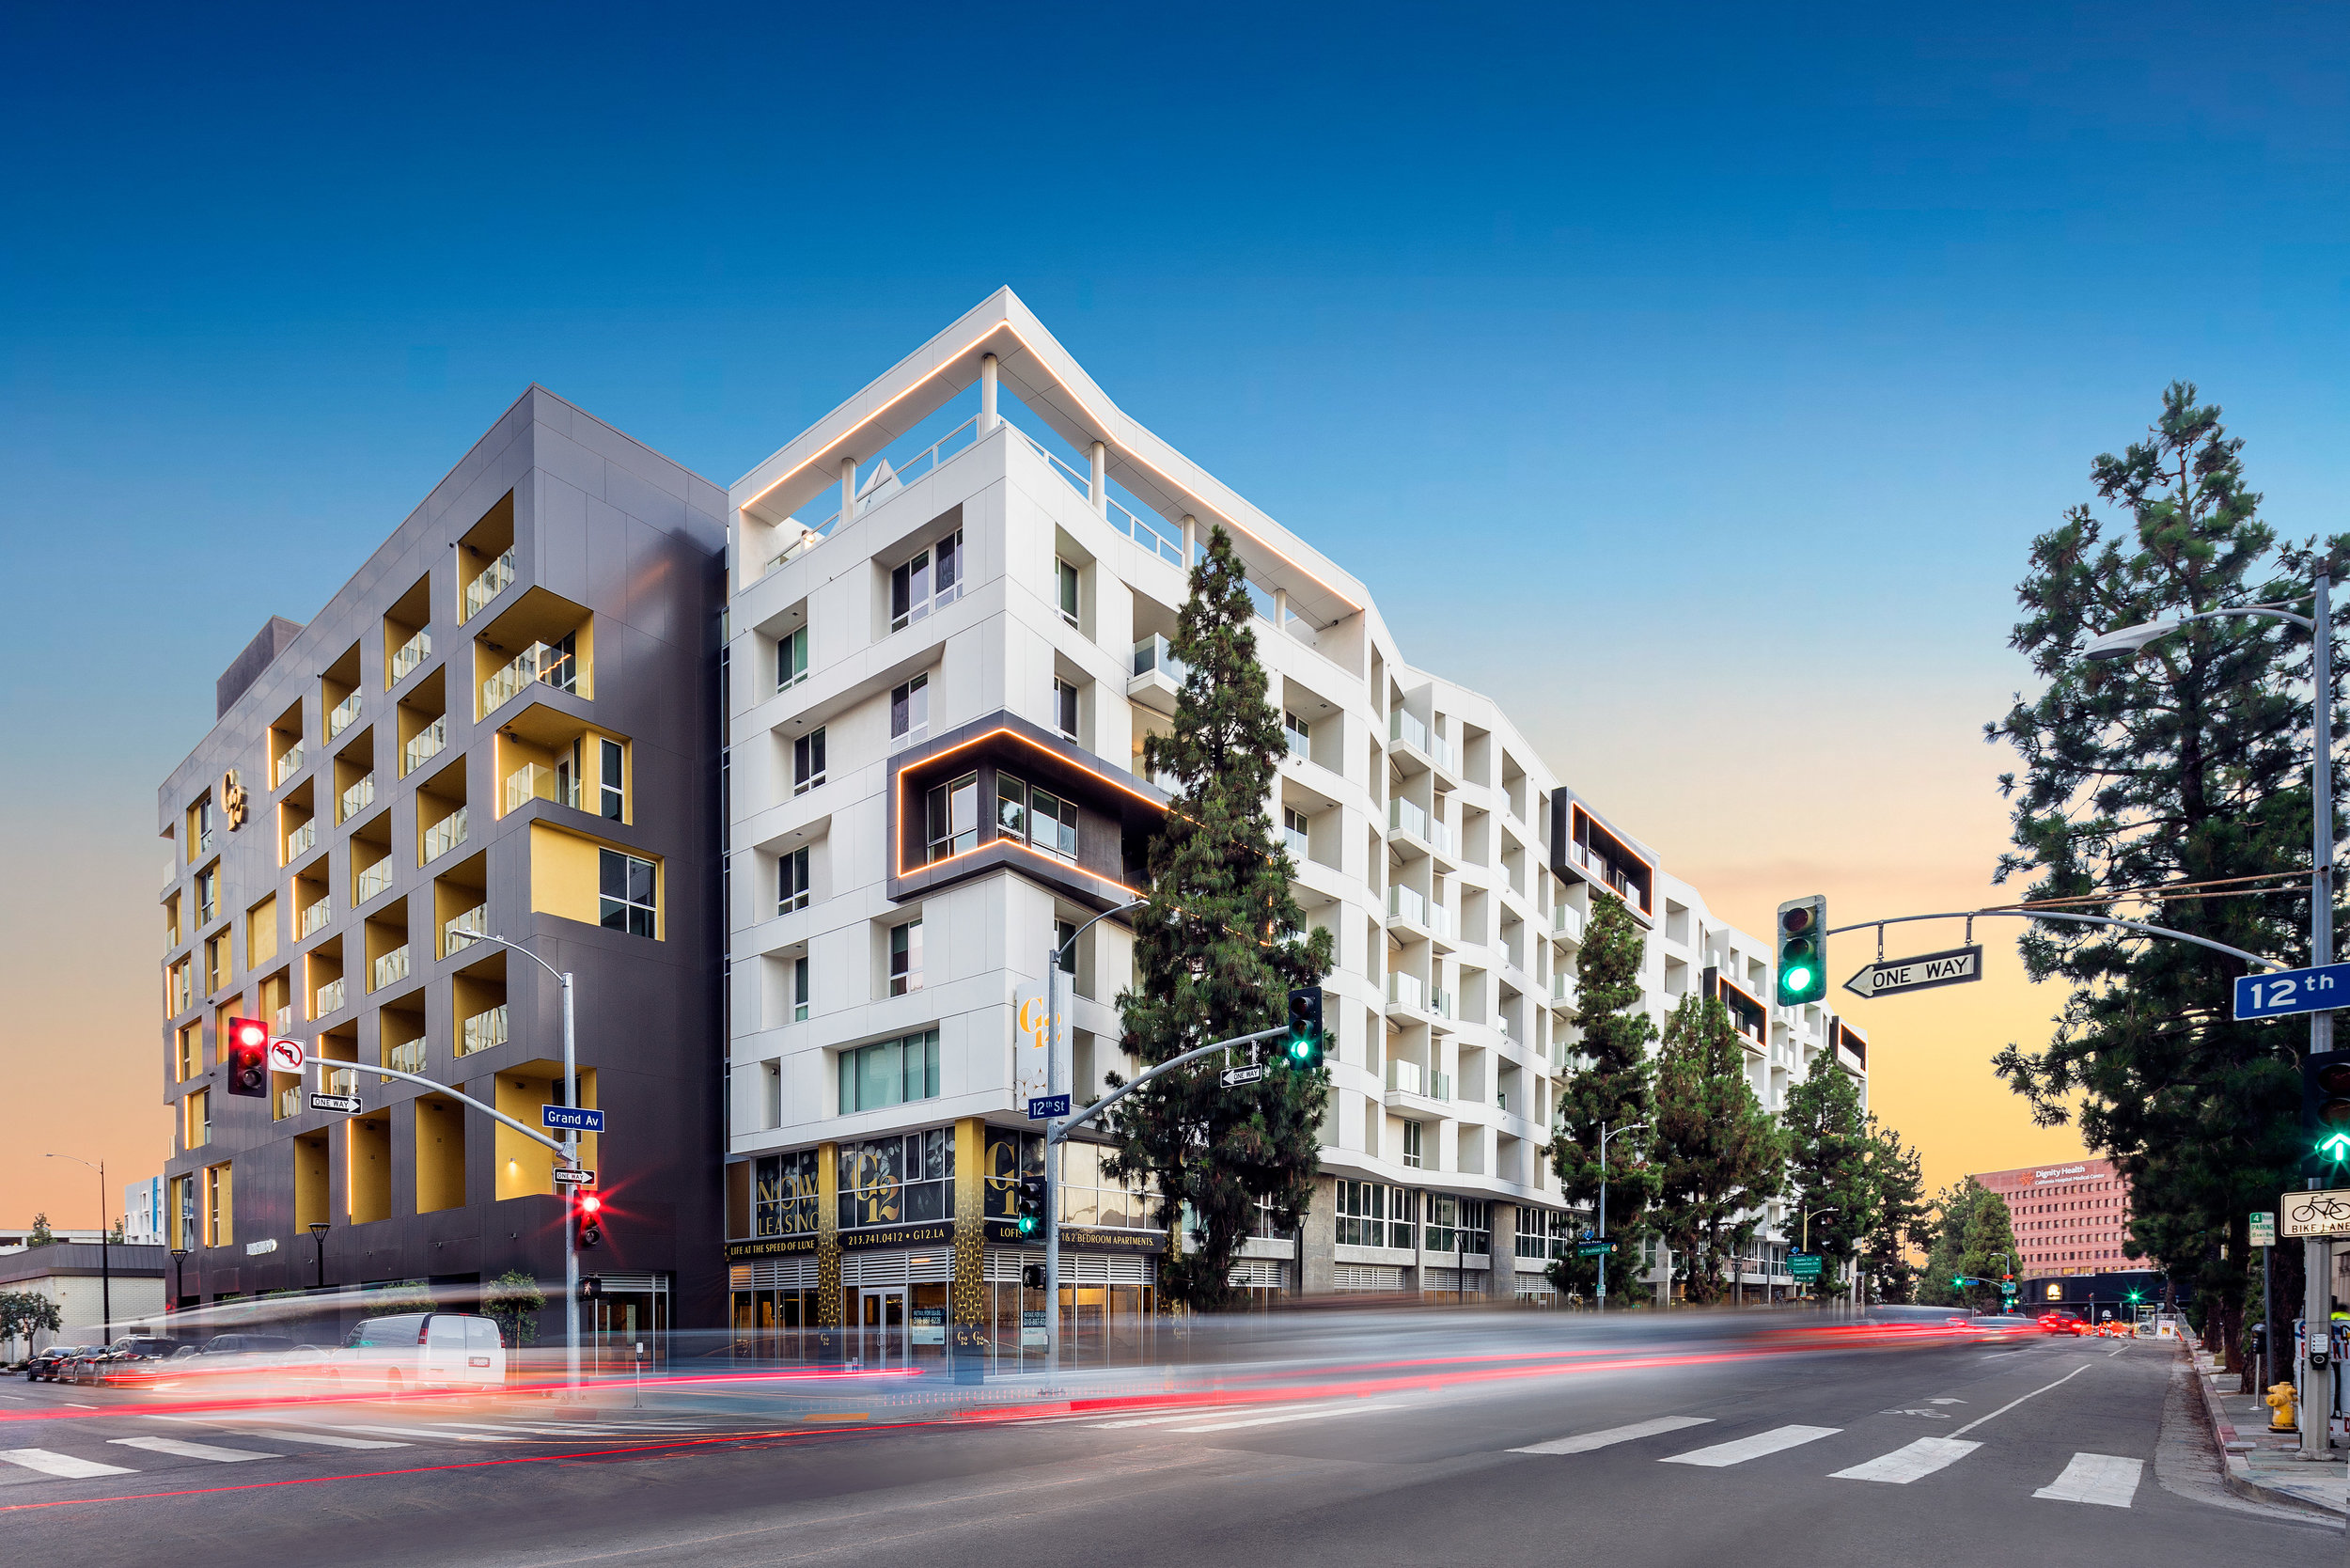 12th & Grand / Olive & Pico   Los Angeles, California